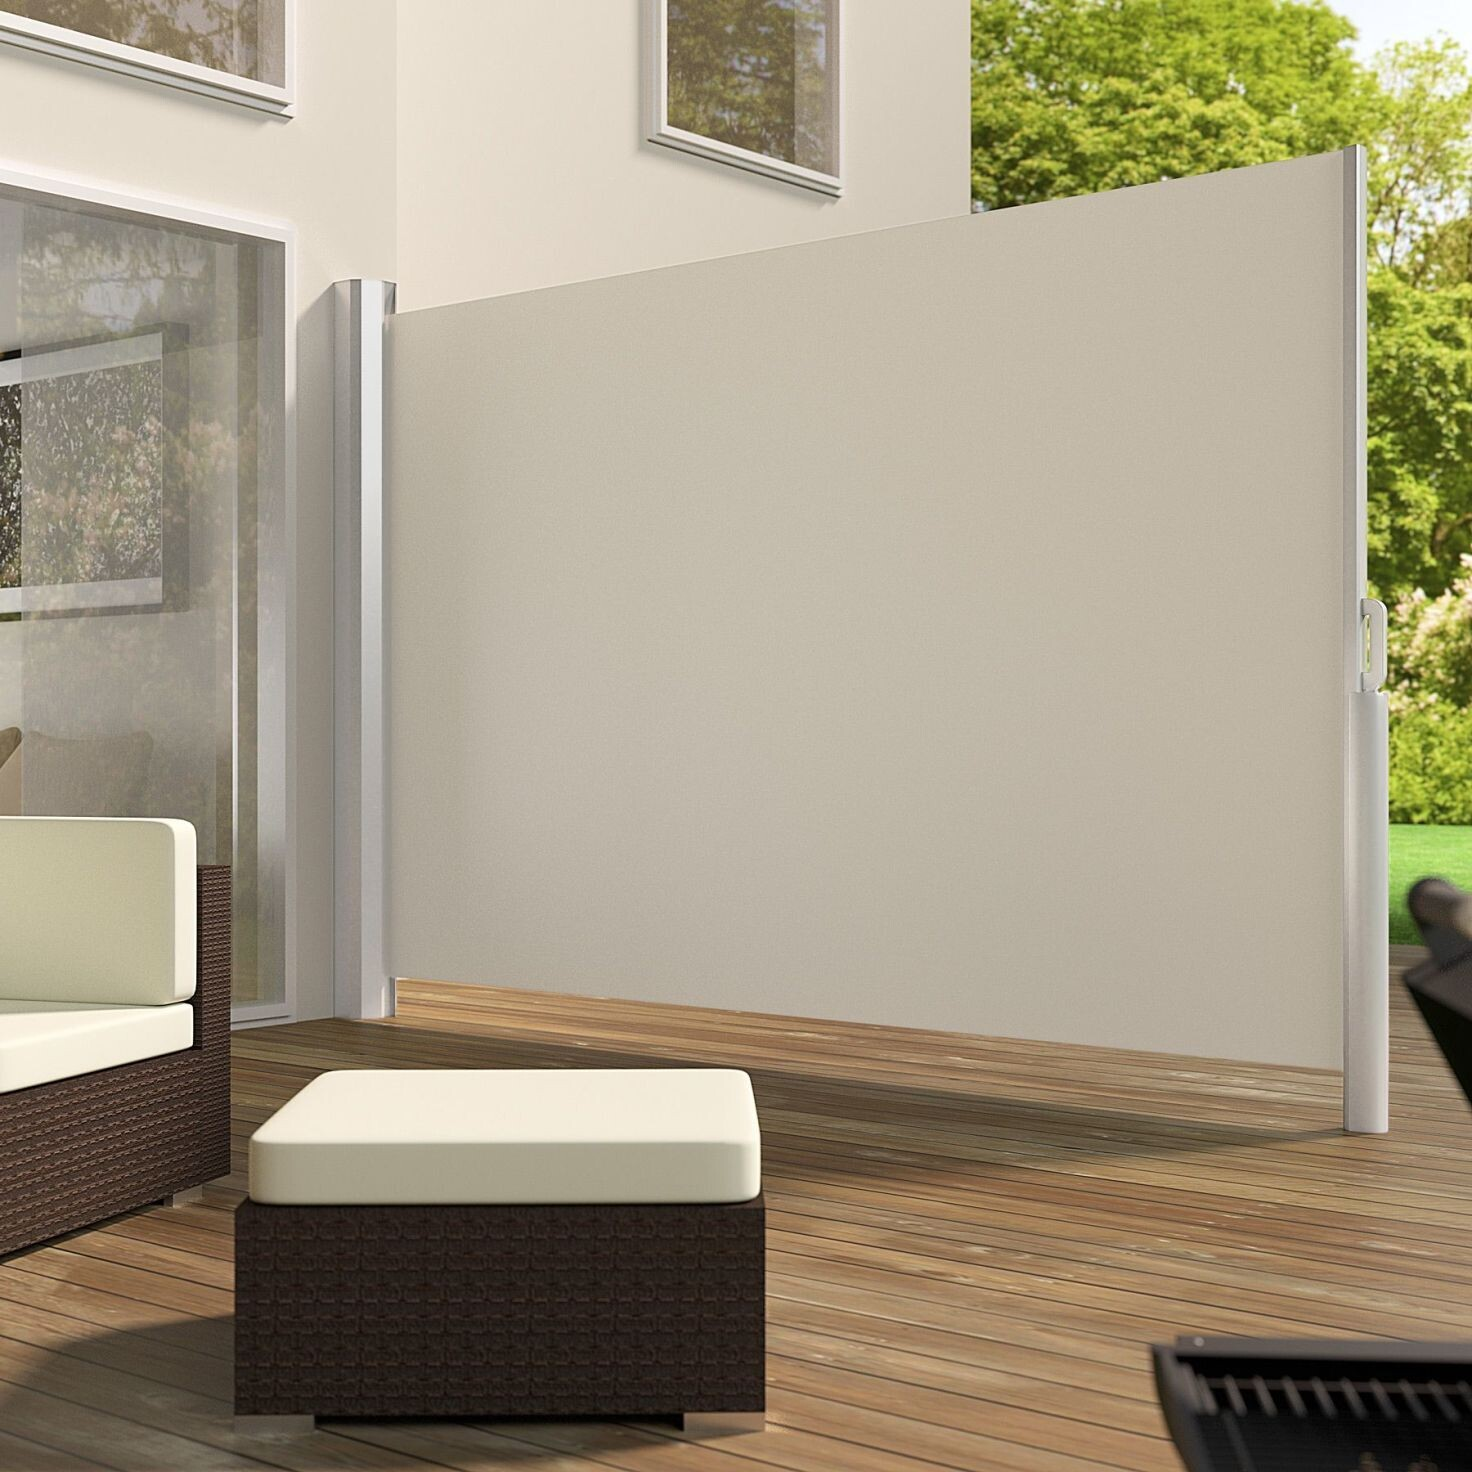 Tenda - Markiza iz aluminija beige barve v 160 cm (v180, v 200) x d 300 cm